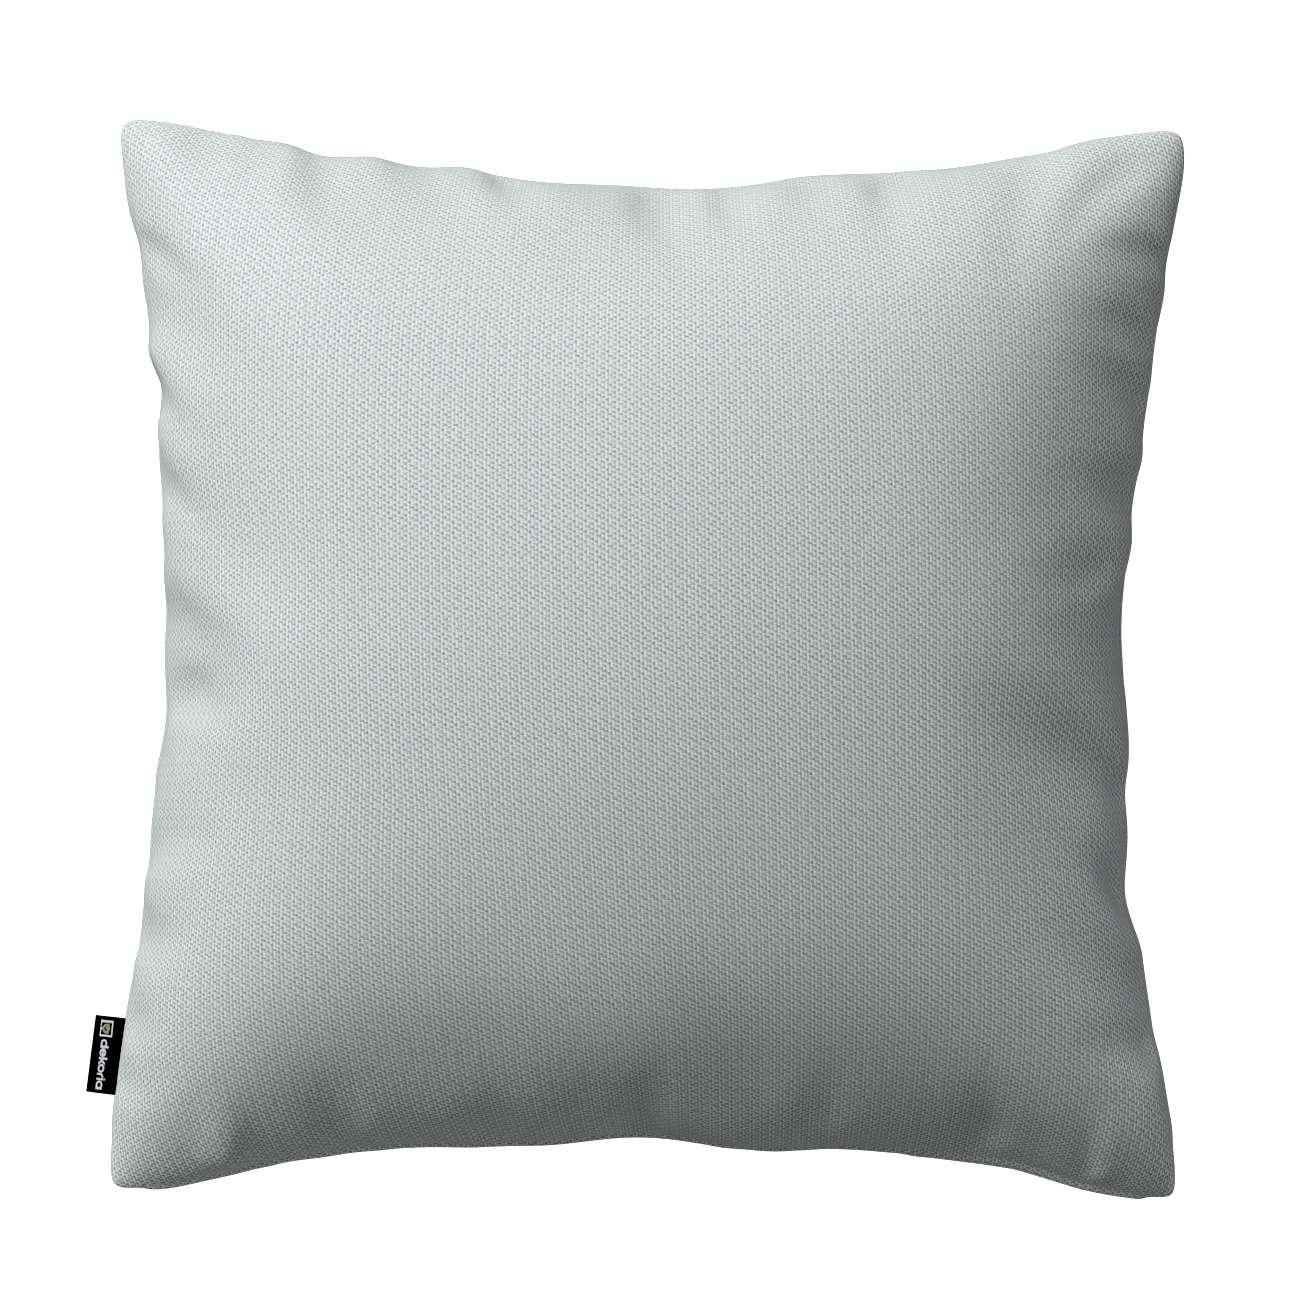 Poszewka Kinga na poduszkę w kolekcji Bergen, tkanina: 161-72